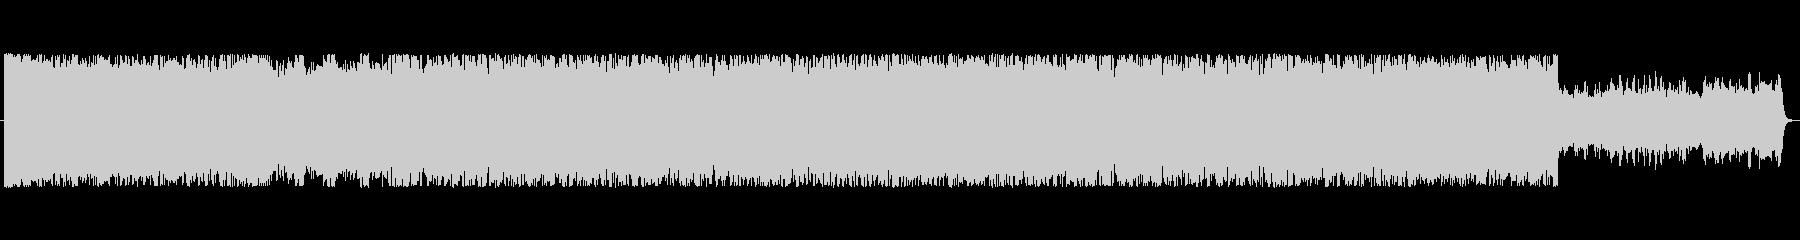 クランチーなギター主体のRockの未再生の波形